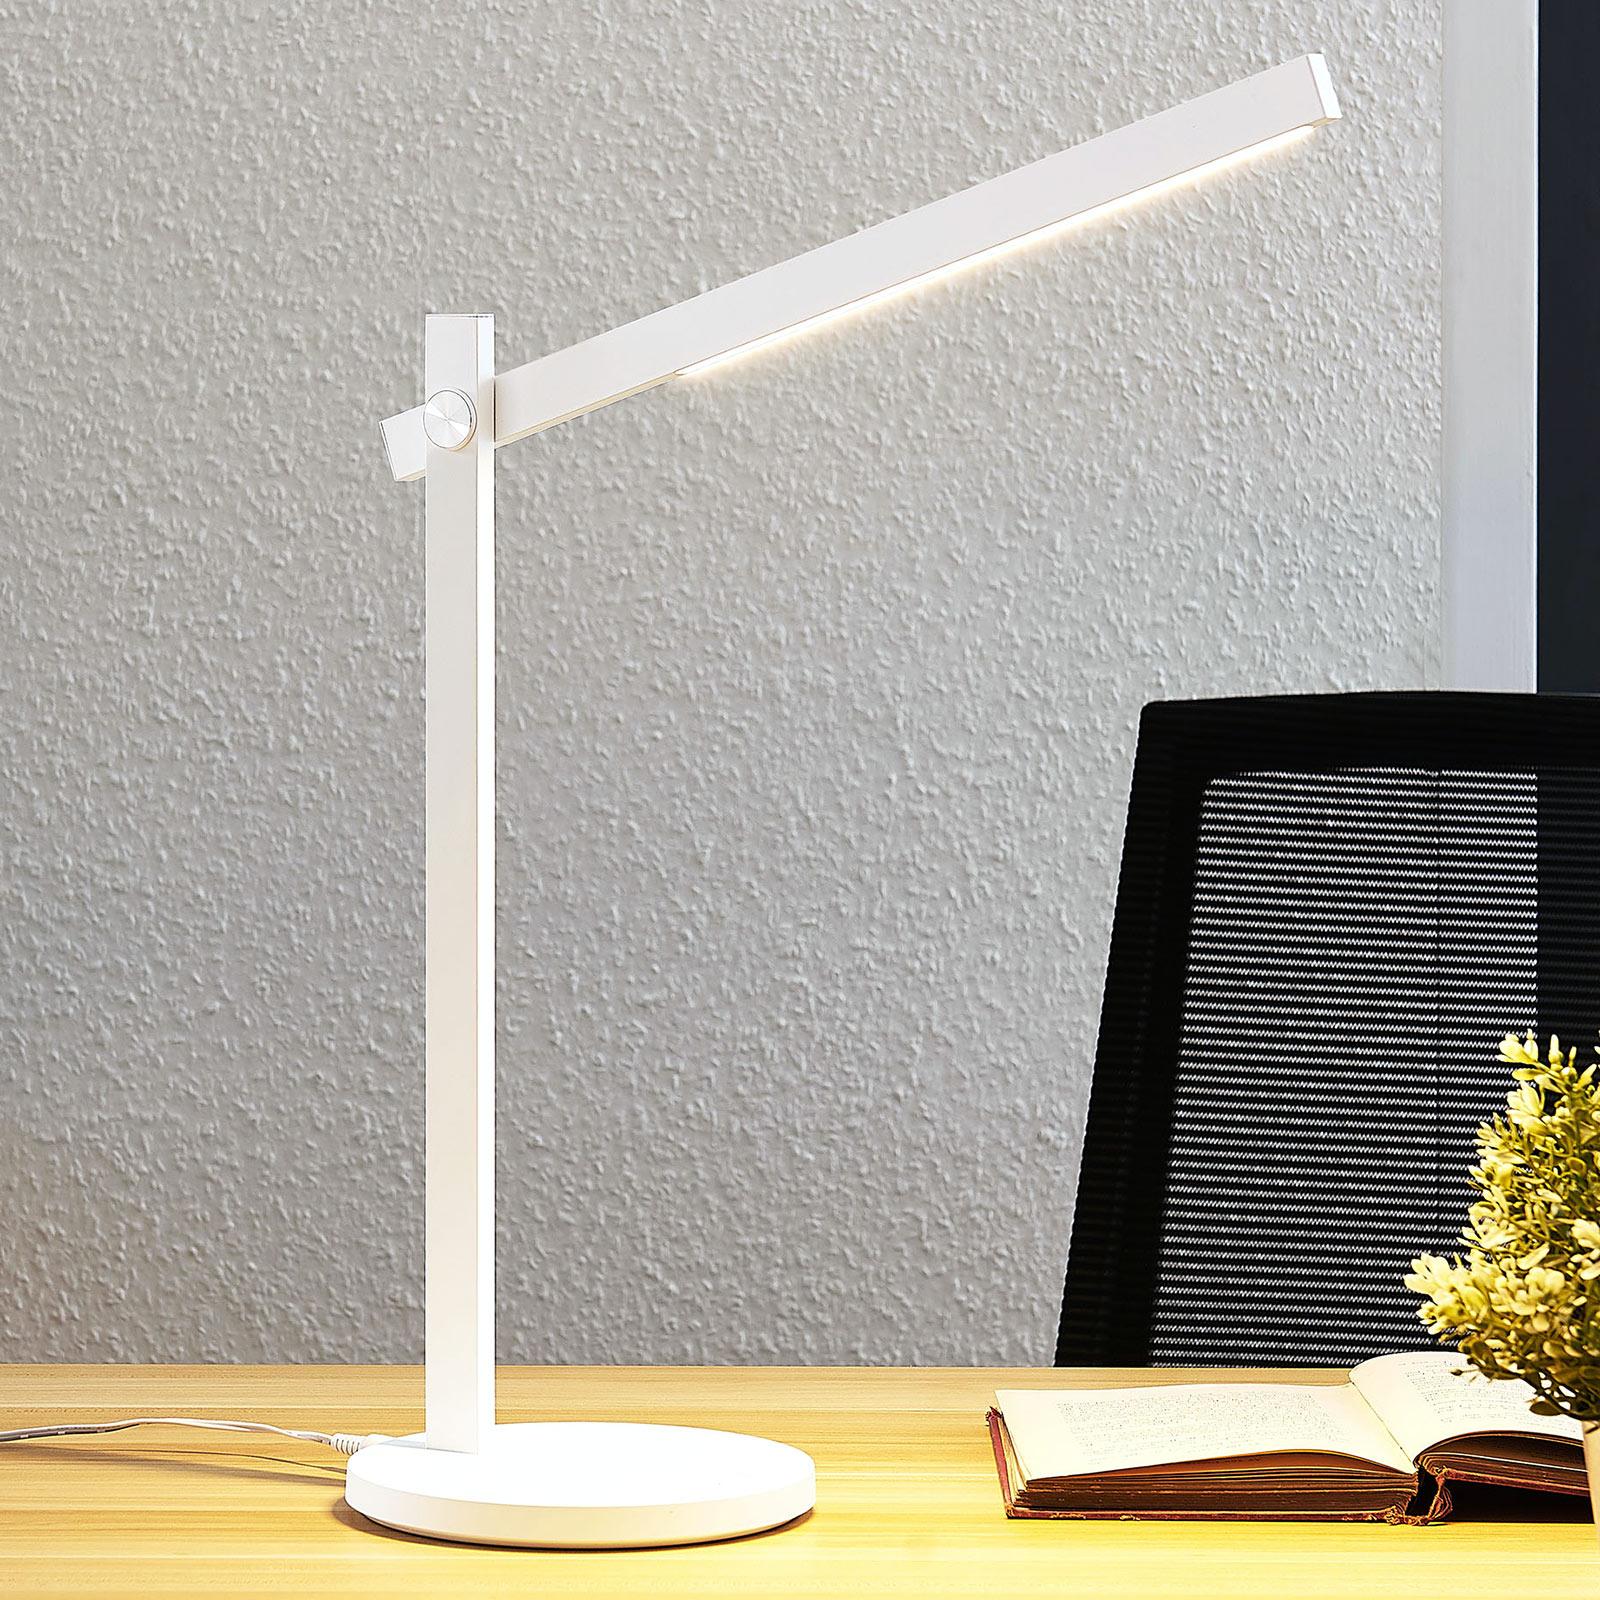 LED-työpöytälamppu Loretta, suoralinjainen, valk.